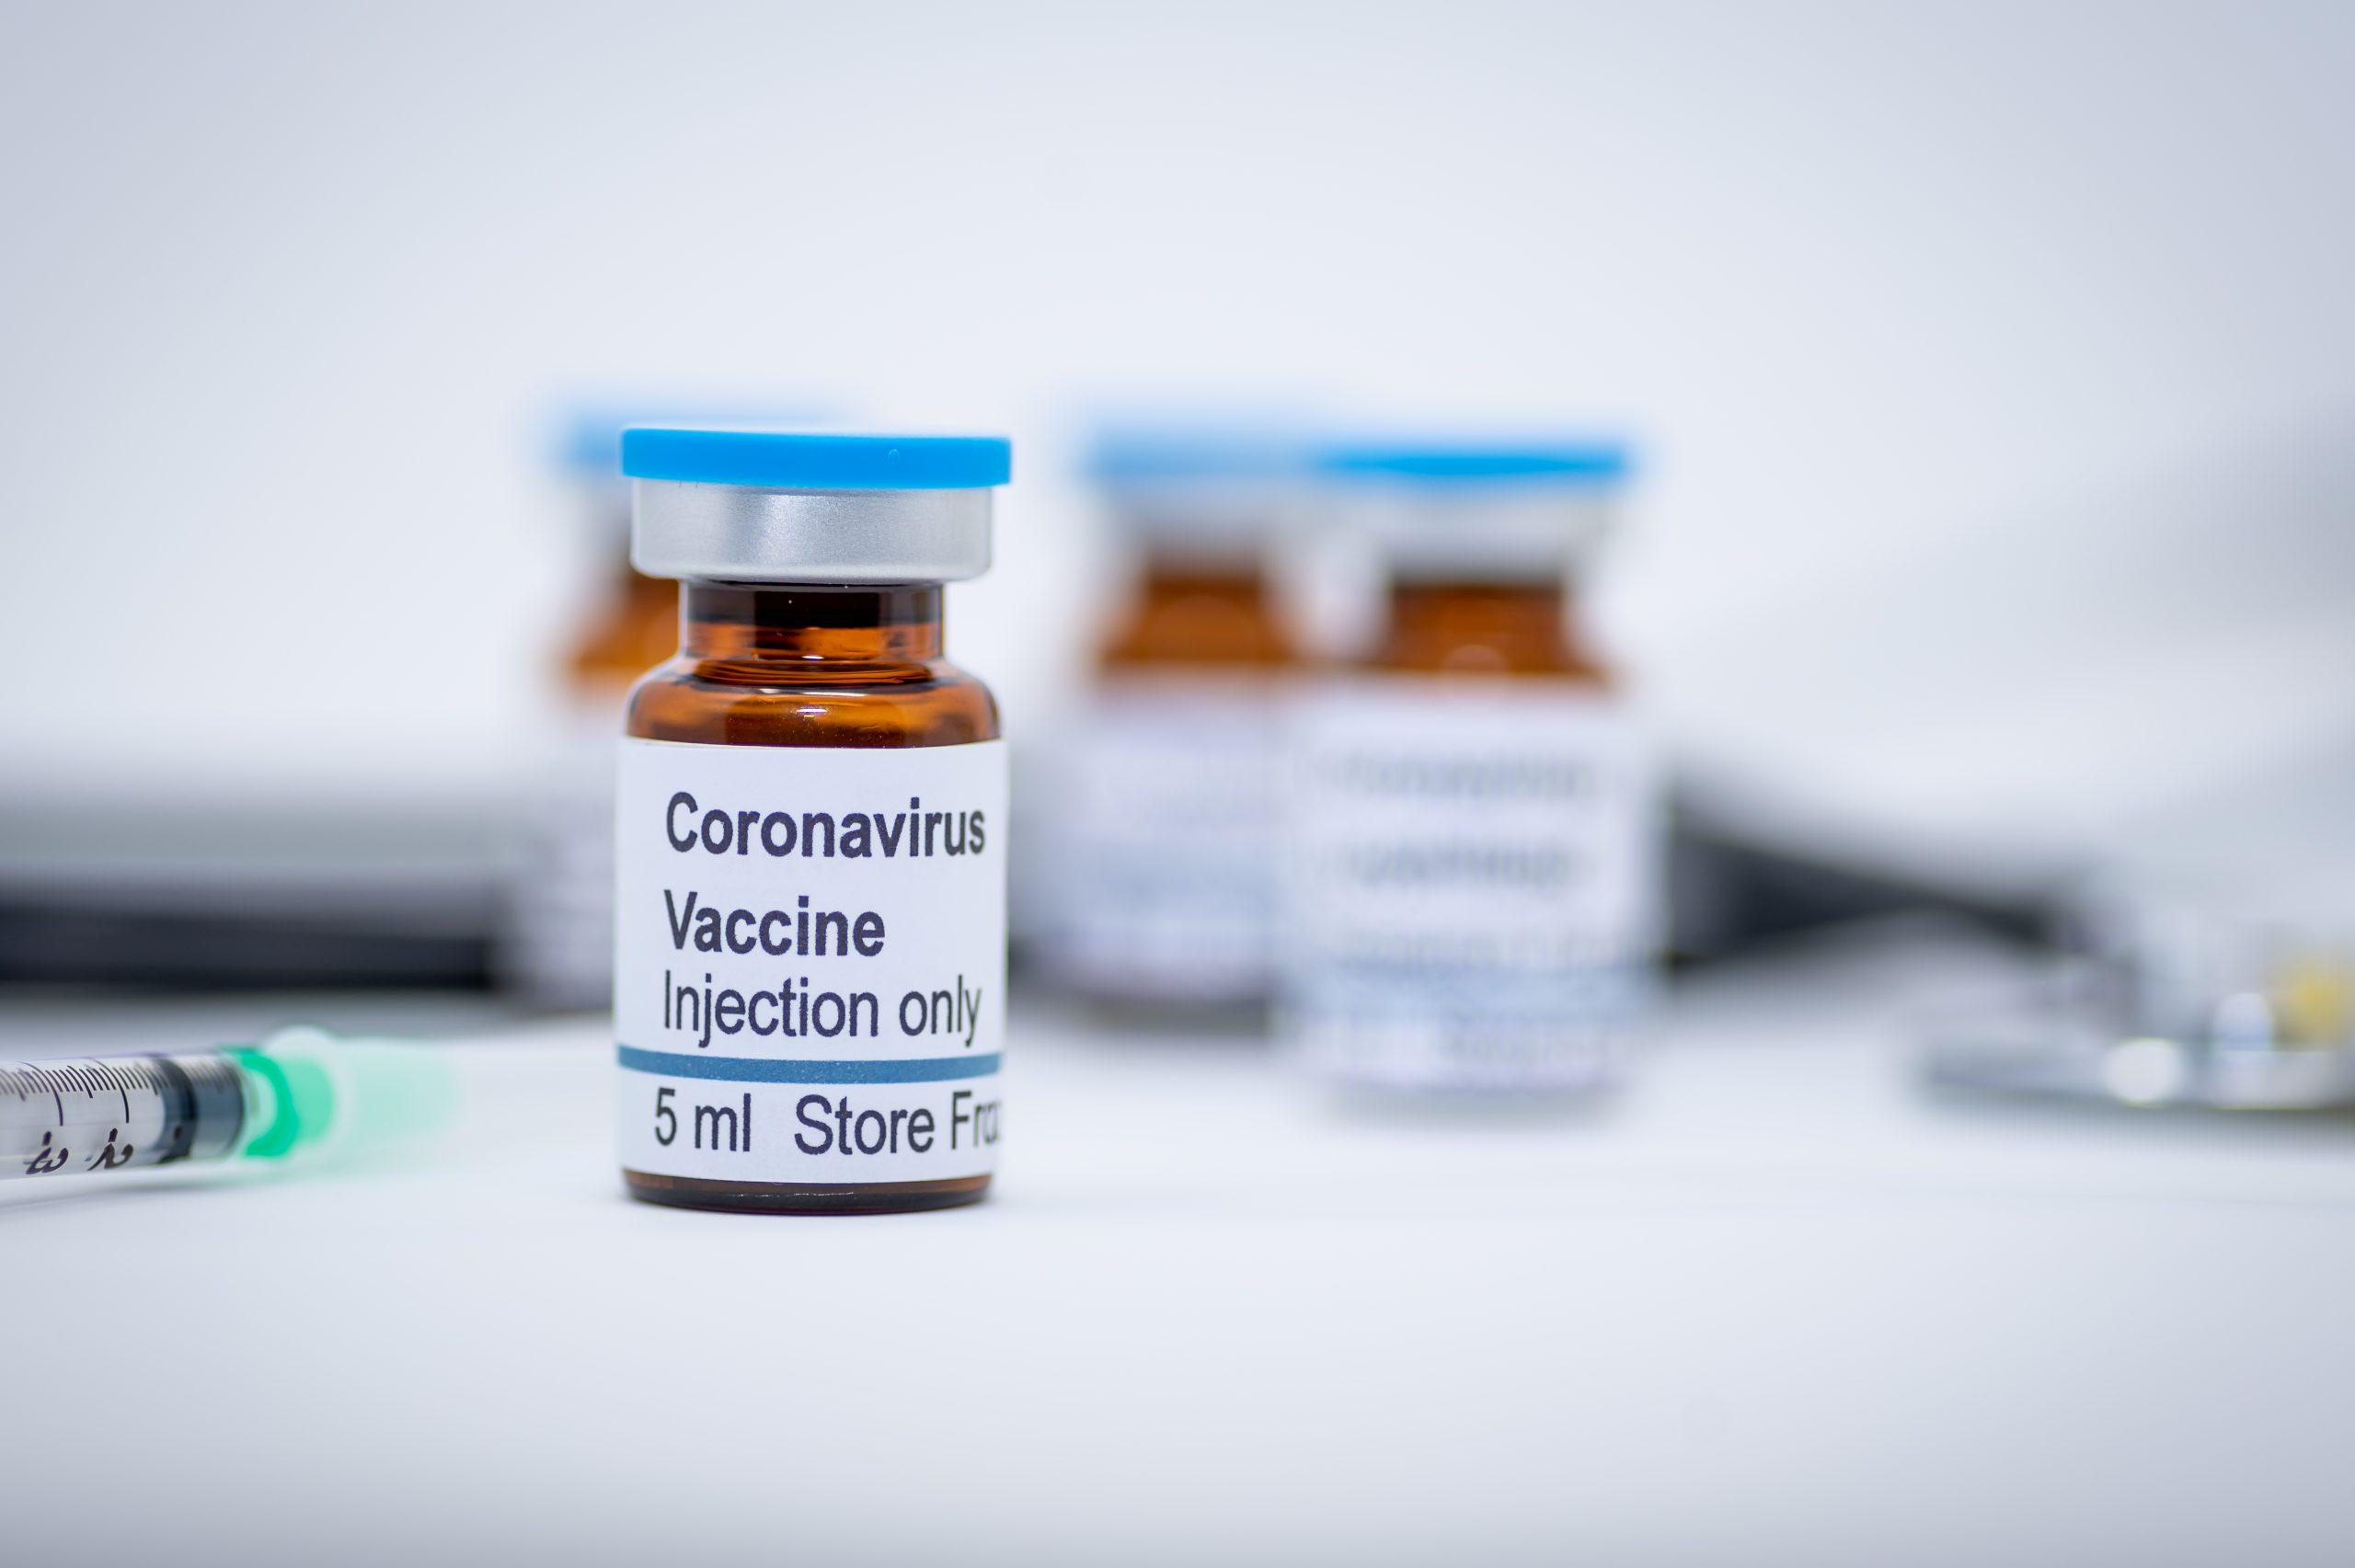 چین آزمایش اولین واکسن کرونا روی حیوانات را موفقیت آمیز دانست